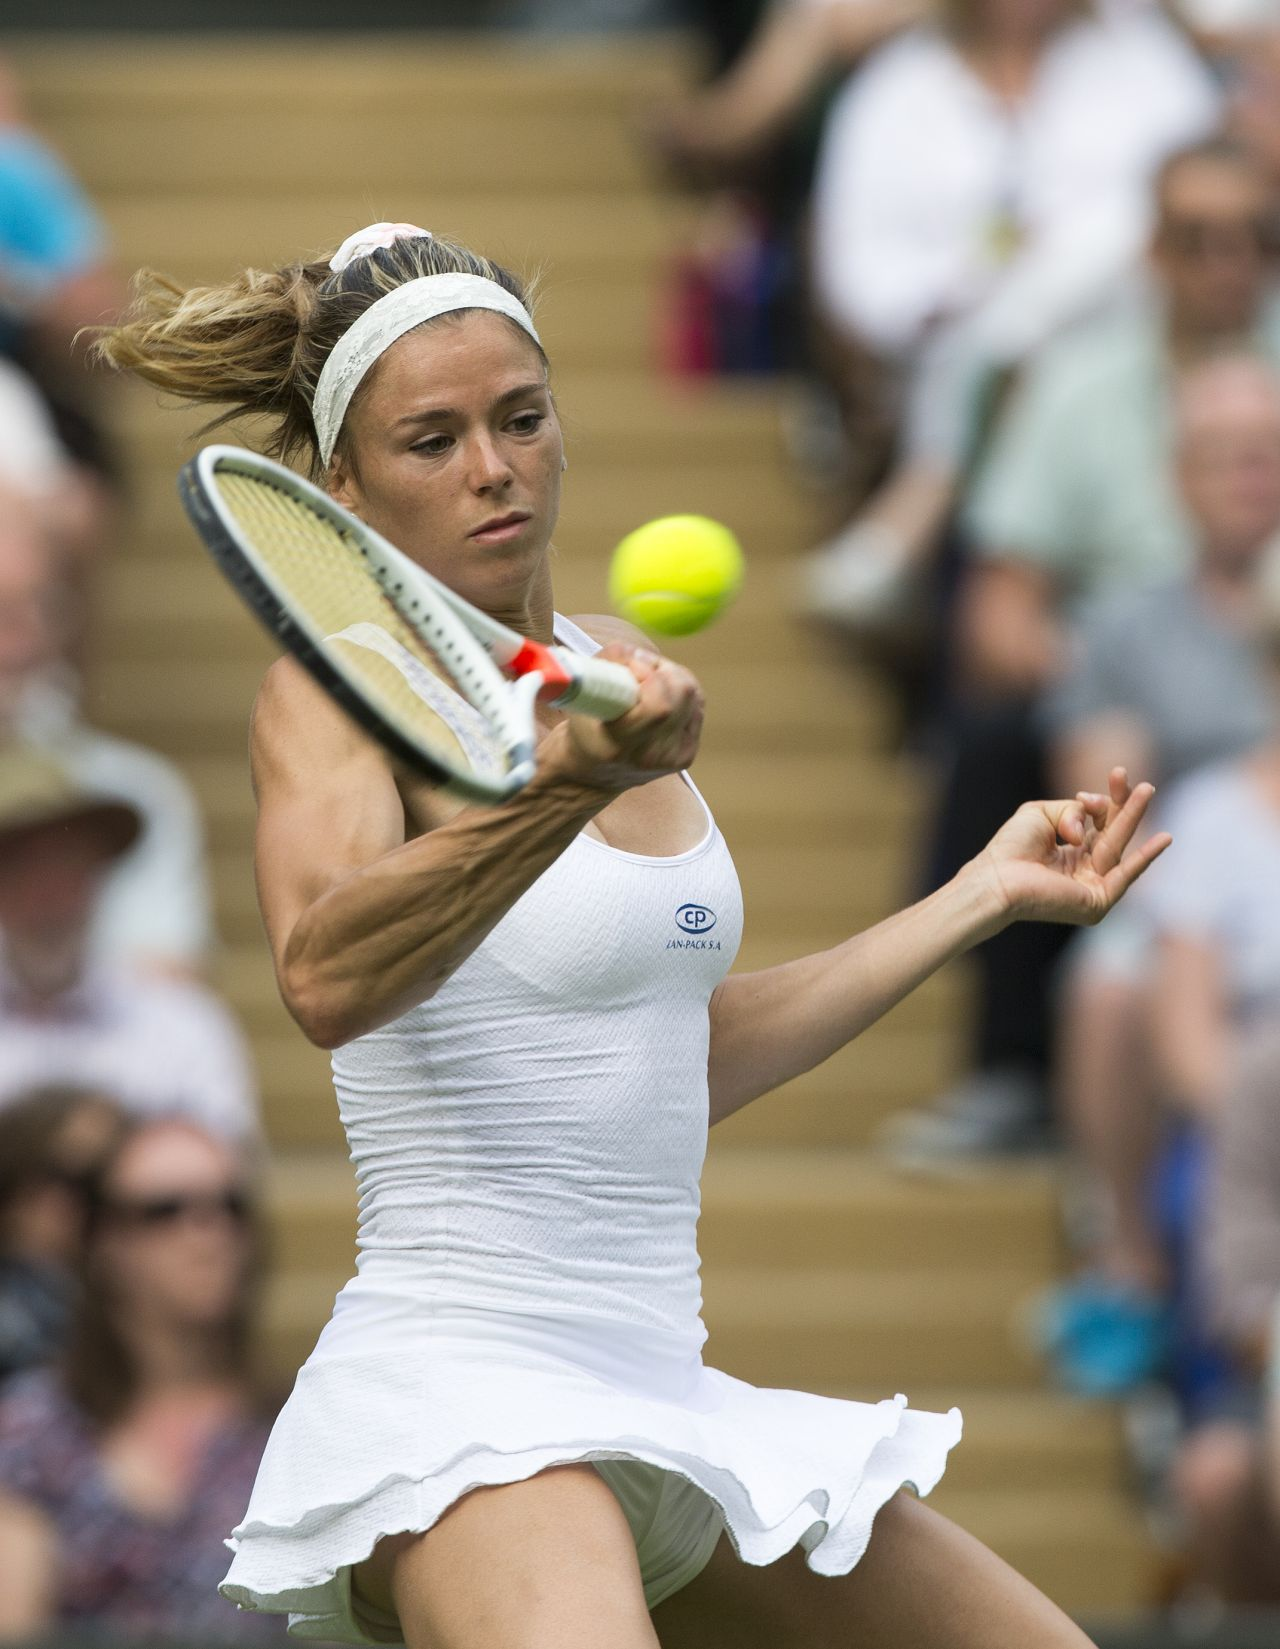 Camila Giorgi Wimbledon Tennis Championships 2016 1st